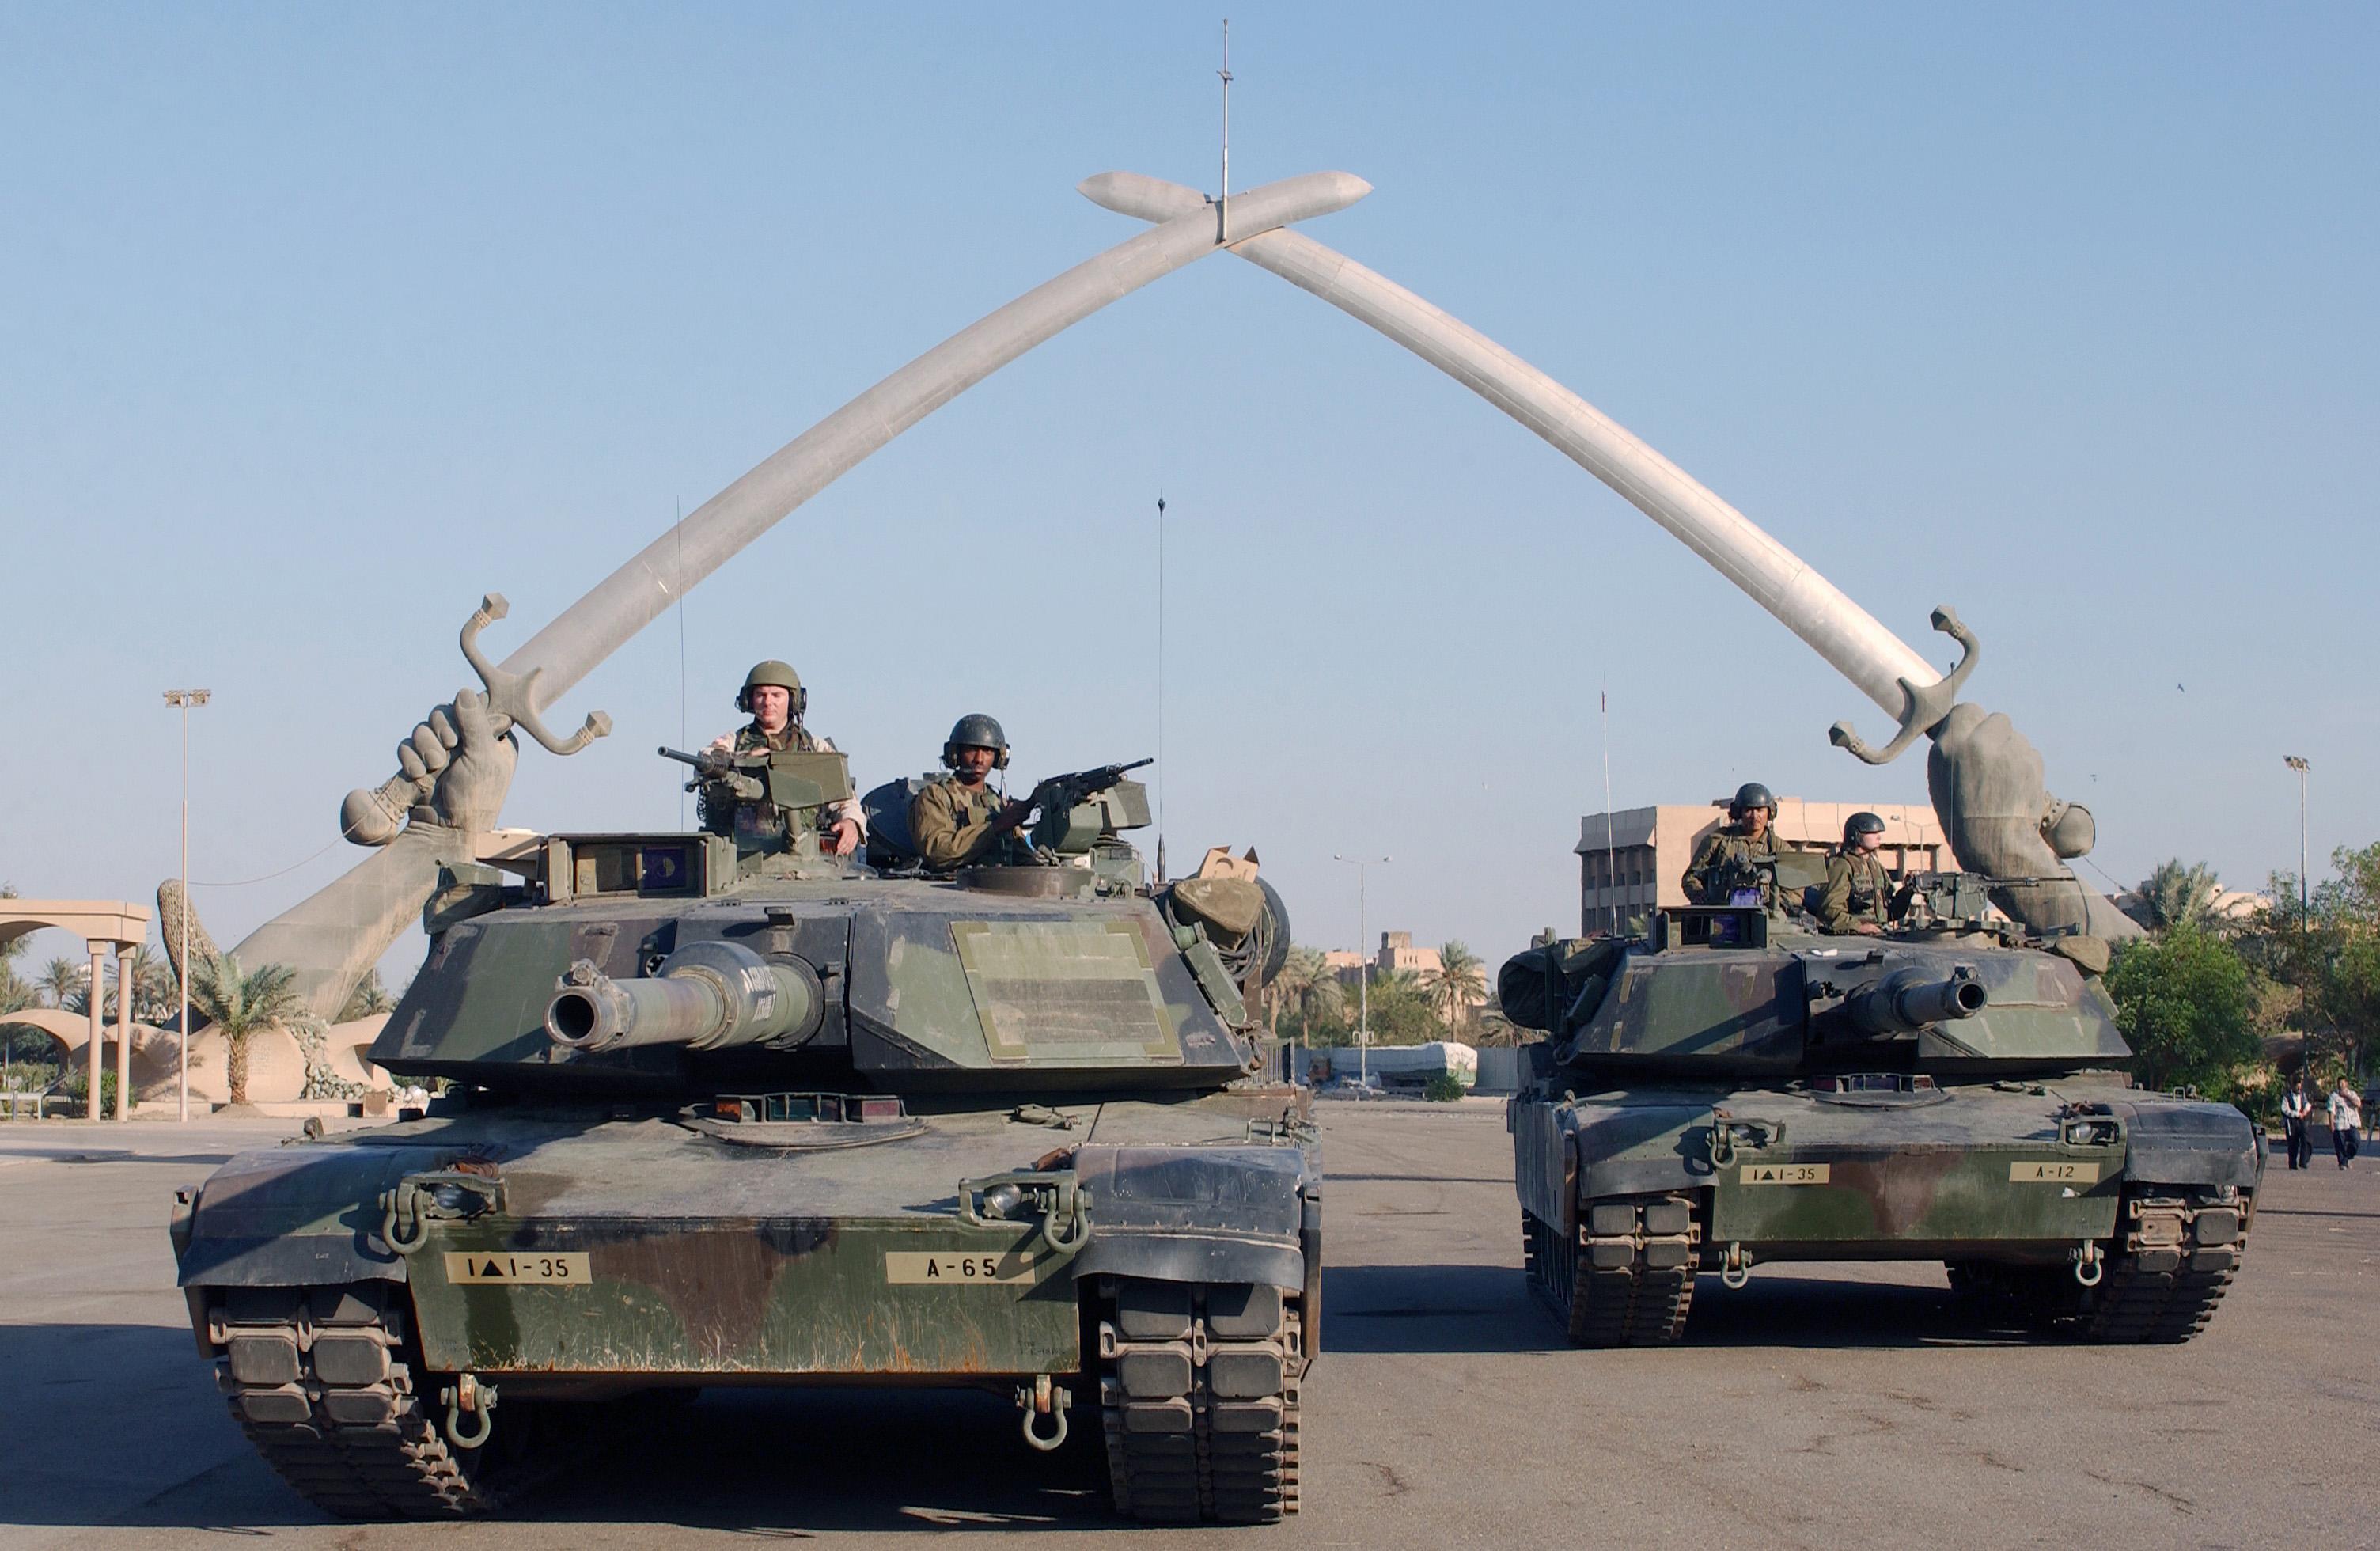 نائبان أمريكيان:الاحتلال الأمريكي دمر العراق والمنطقة بالمعاول الإيرانية